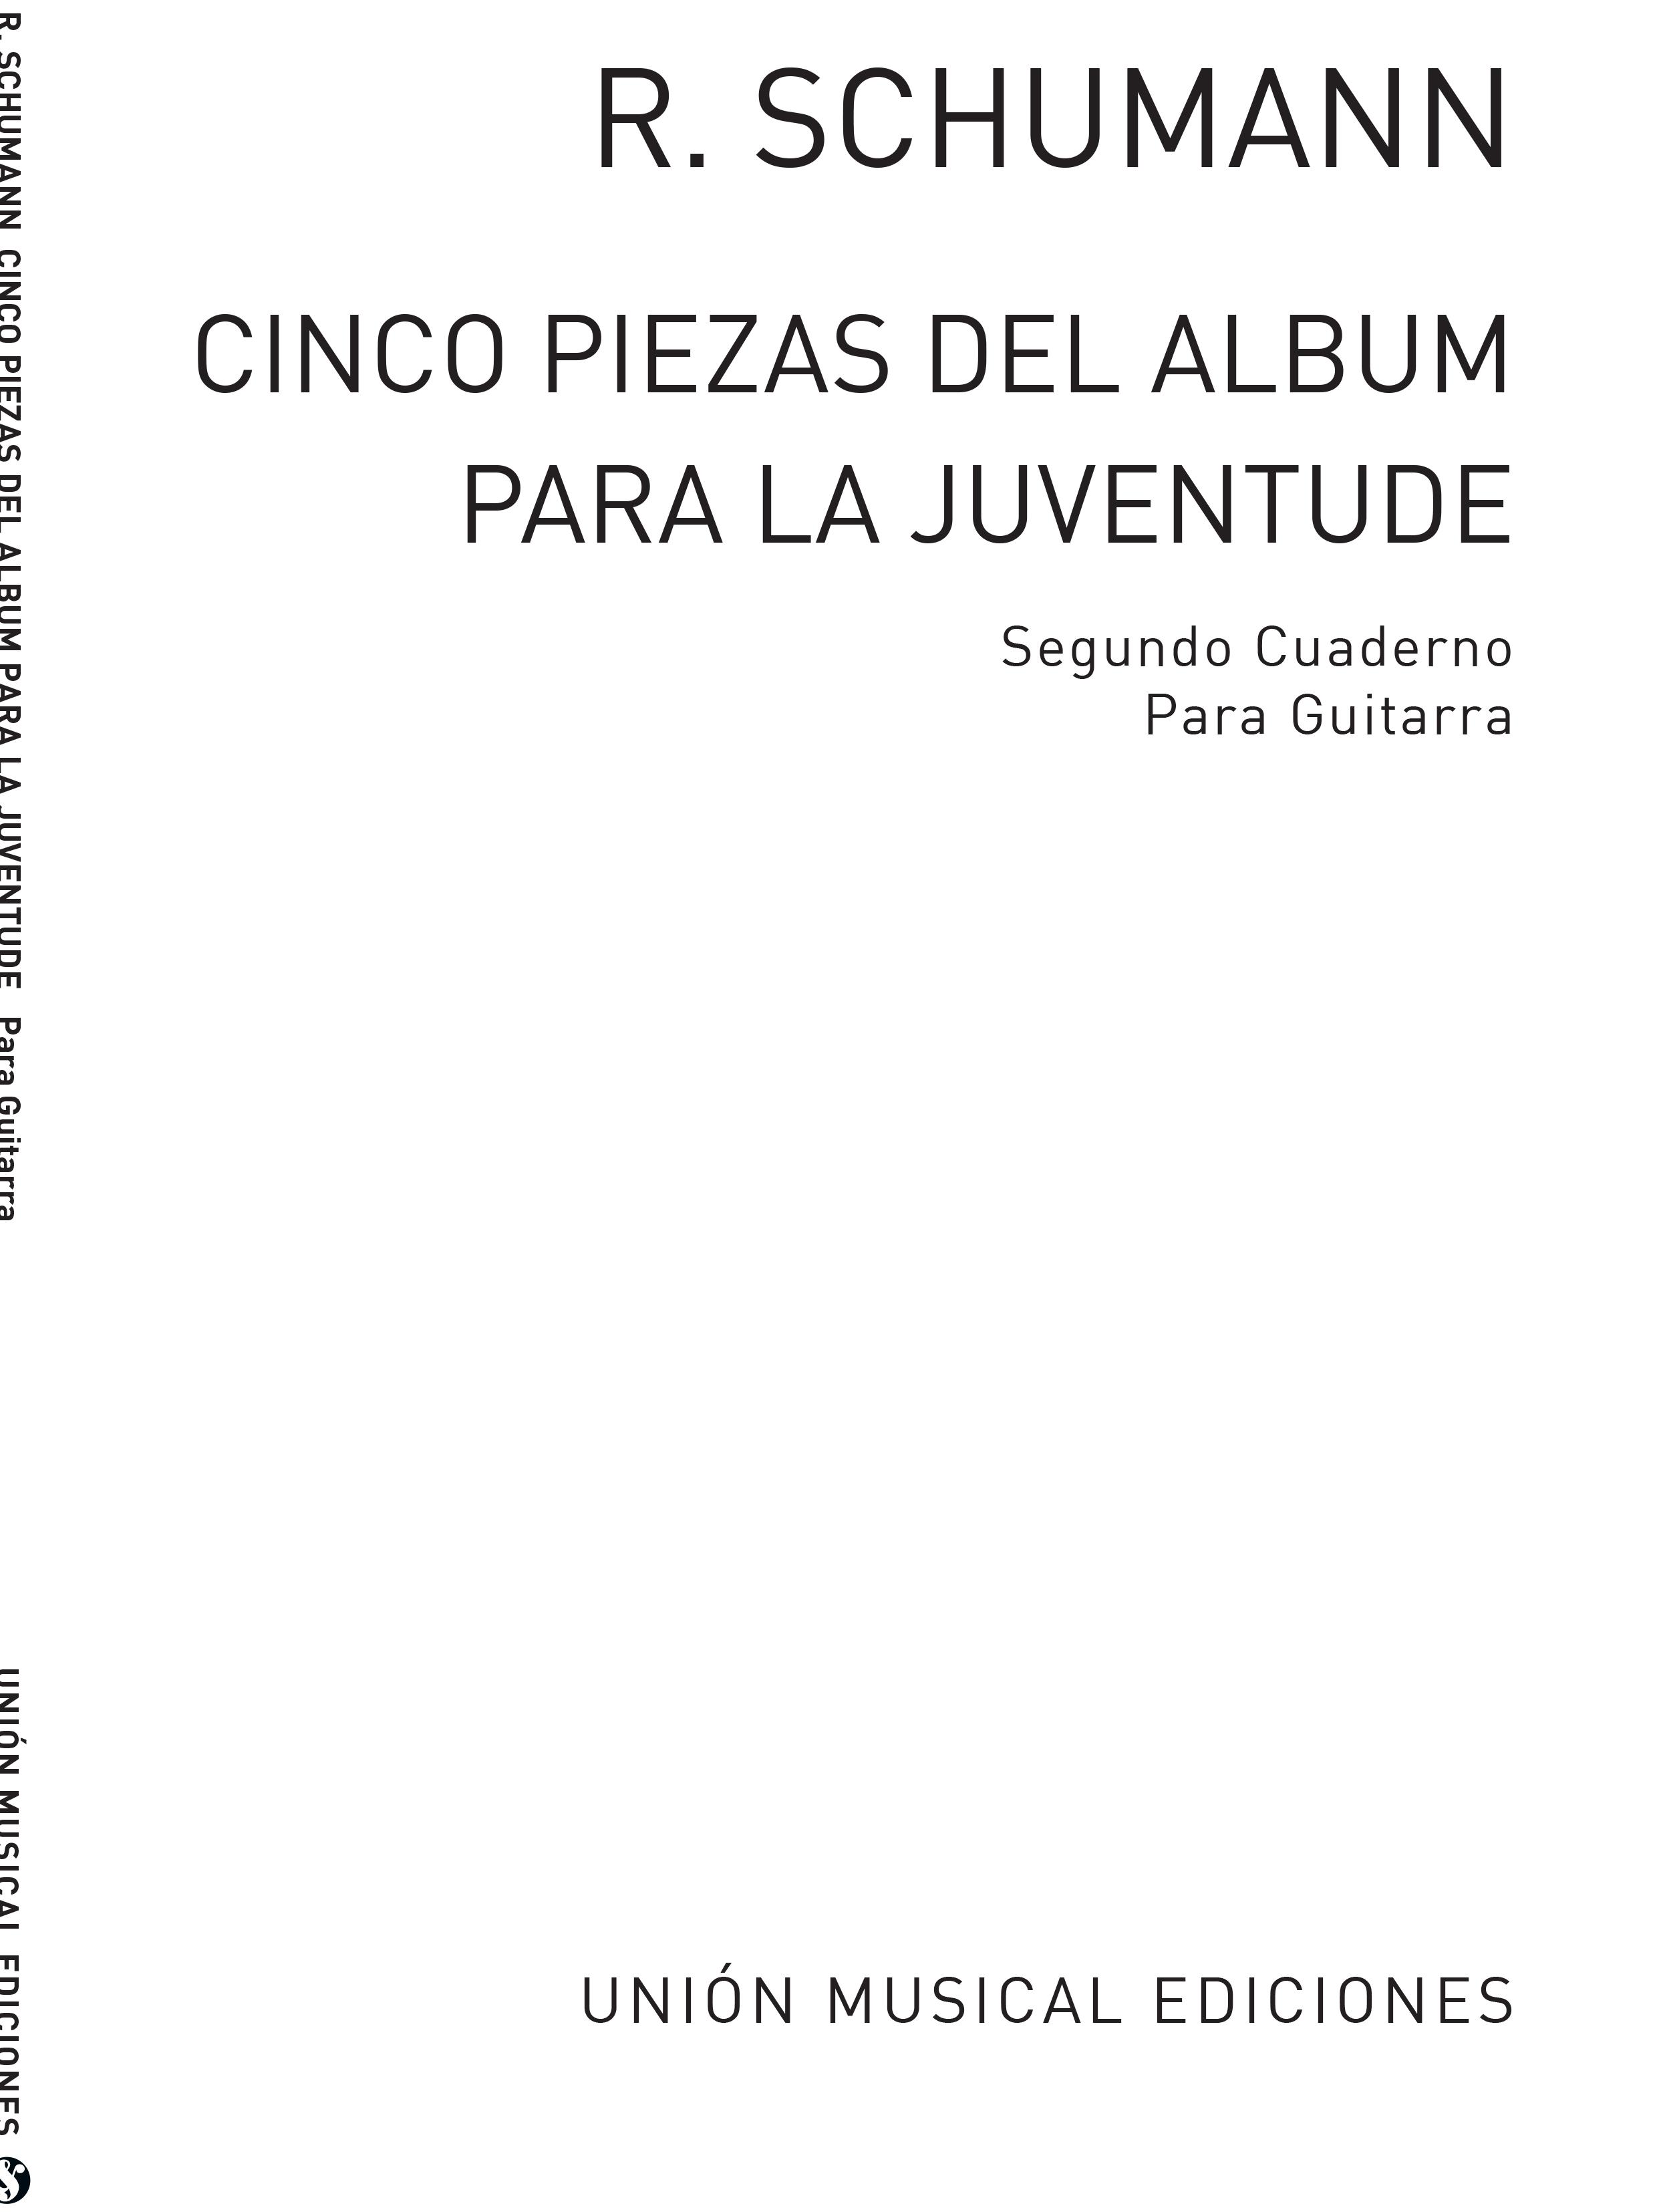 Robert Schumann: Cinco Piezas Del Album De La Juventud Vol.2: Guitar: